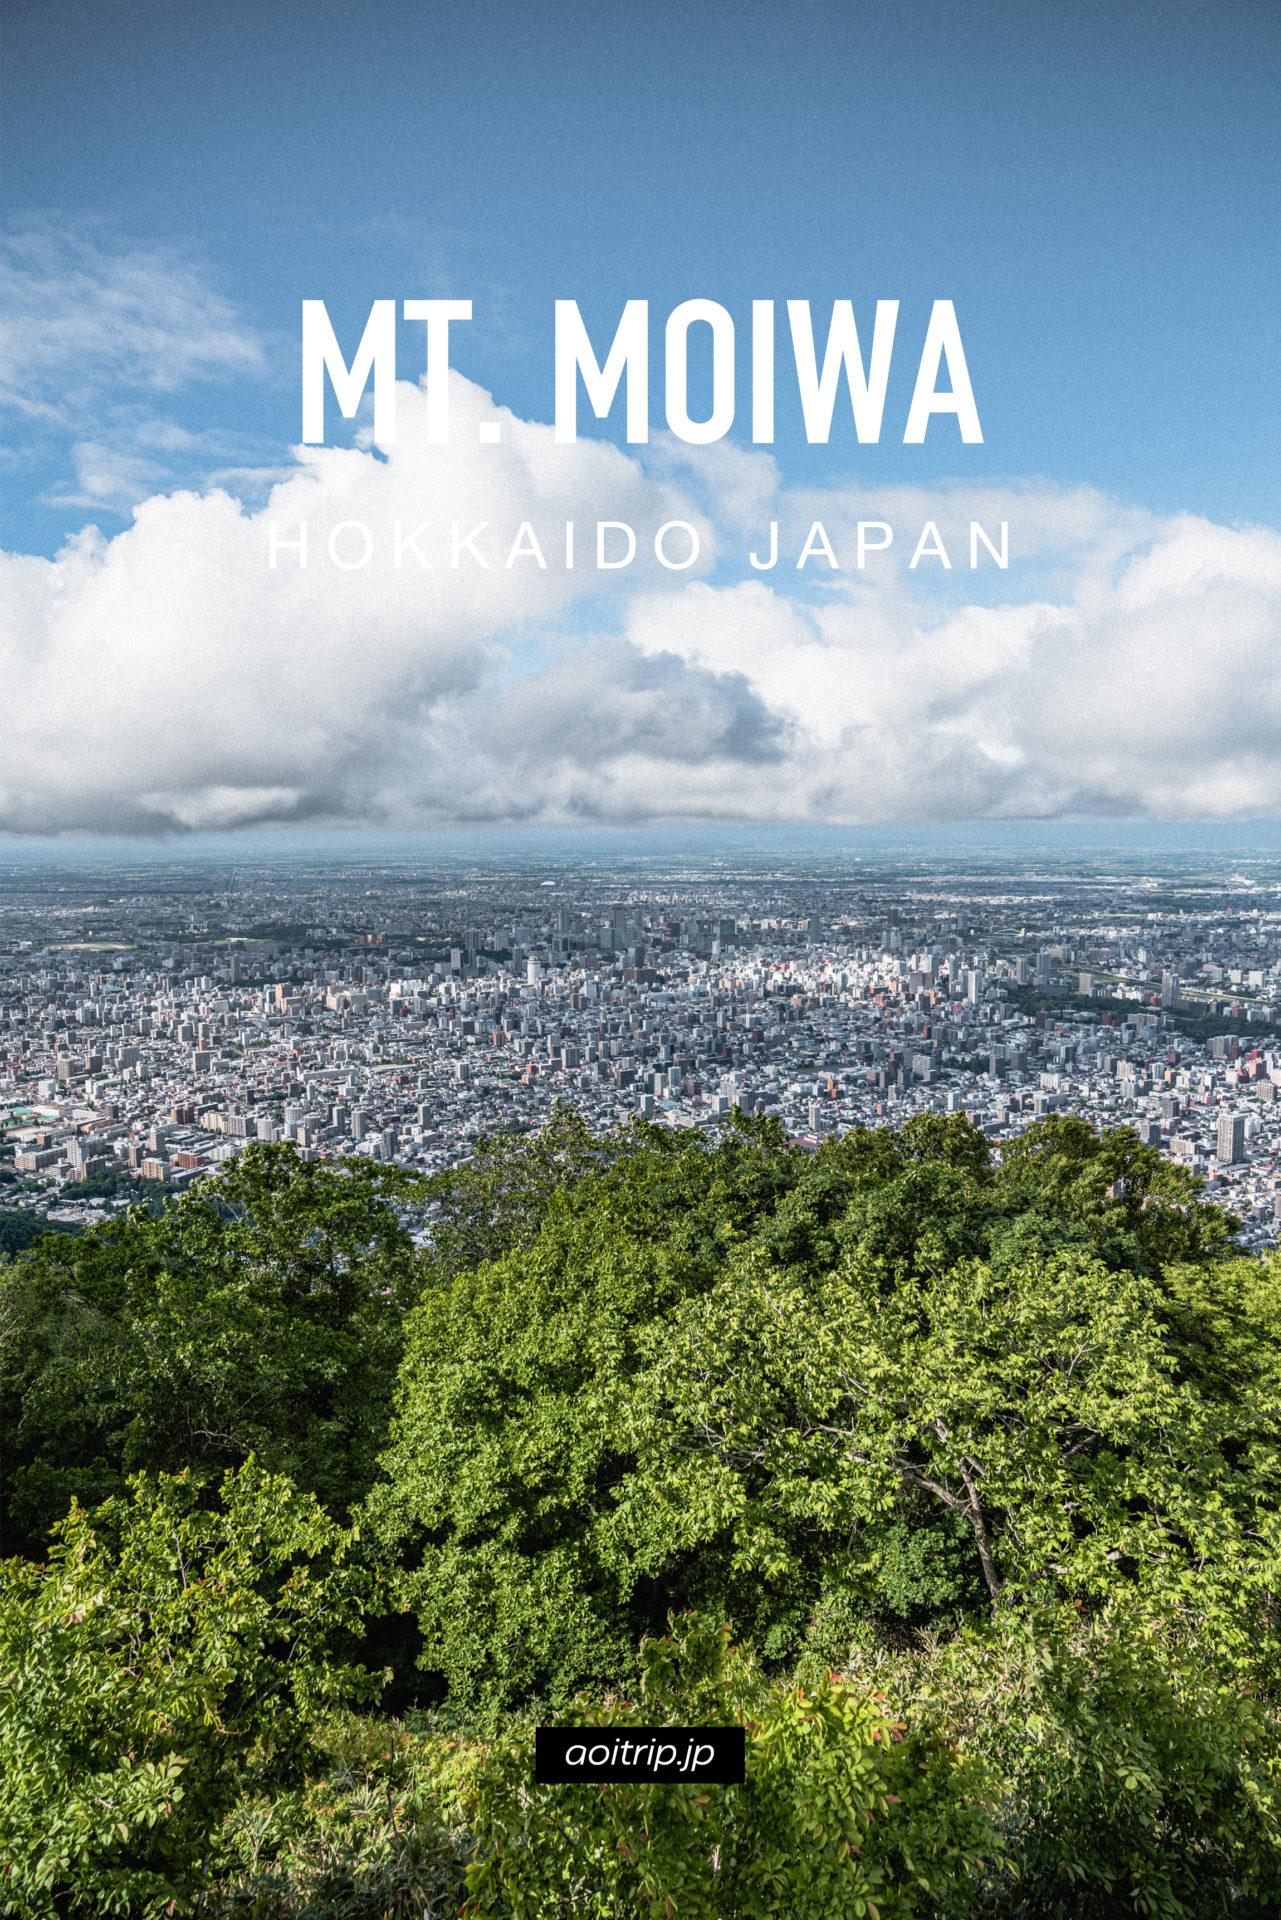 札幌を一望する藻岩山へ|Mt. Moiwa, Sapporo